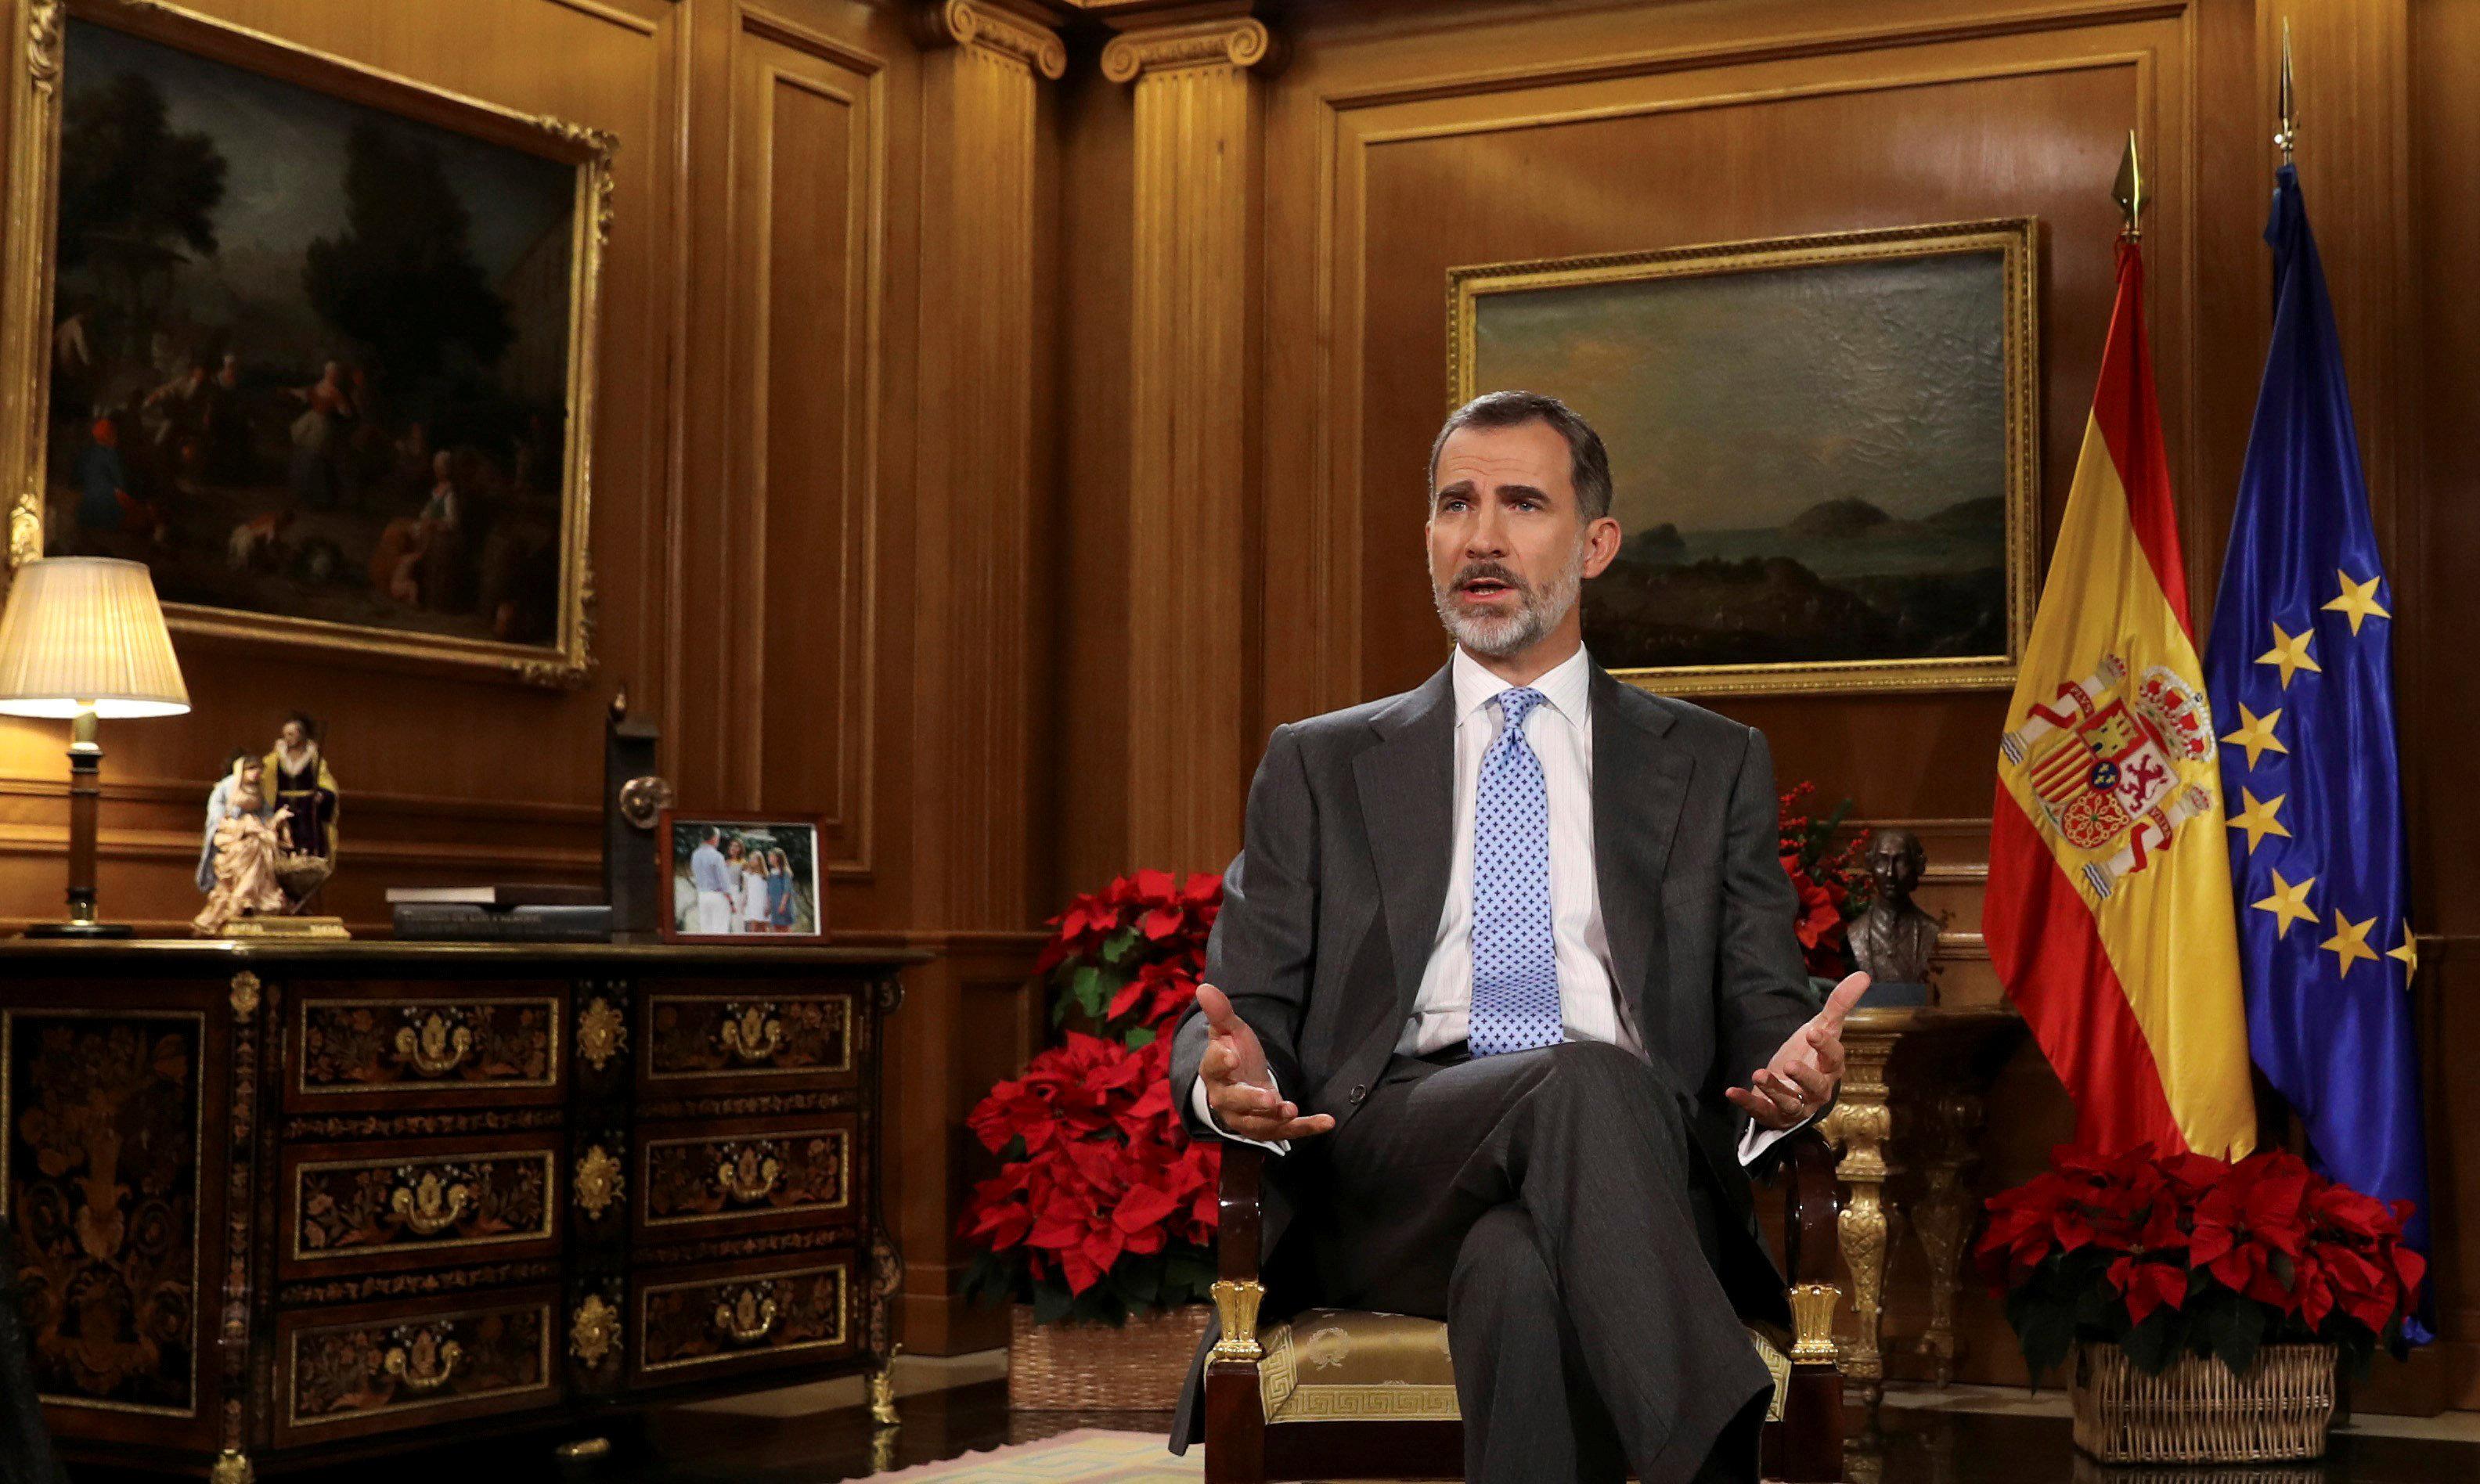 Ο βασιλιάς της Ισπανίας απευθύνει έκκληση στους Καταλανούς πολιτικούς να αποφύγουν μια νέα